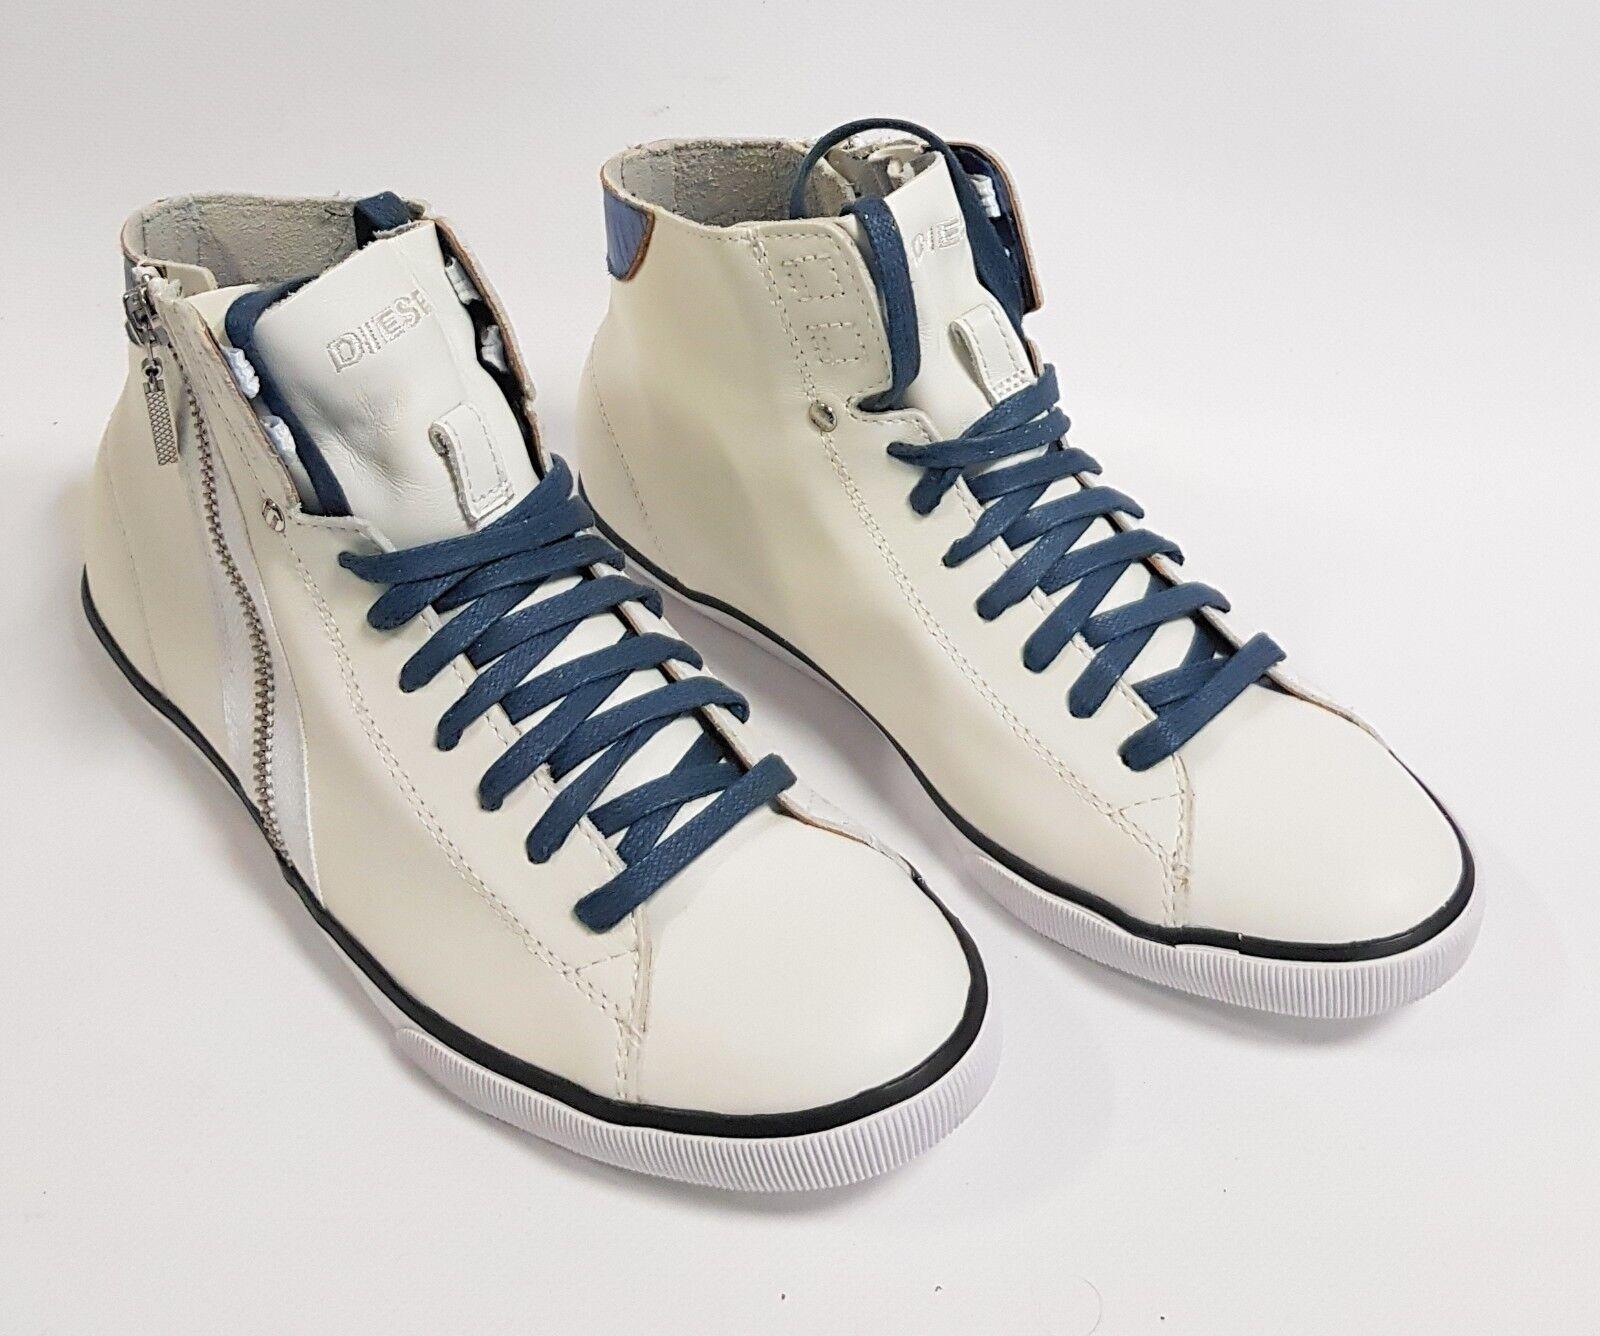 Diesel cortos Beach pit señora zapatillas mujer zapatos Weiss azul cuero y01011 e